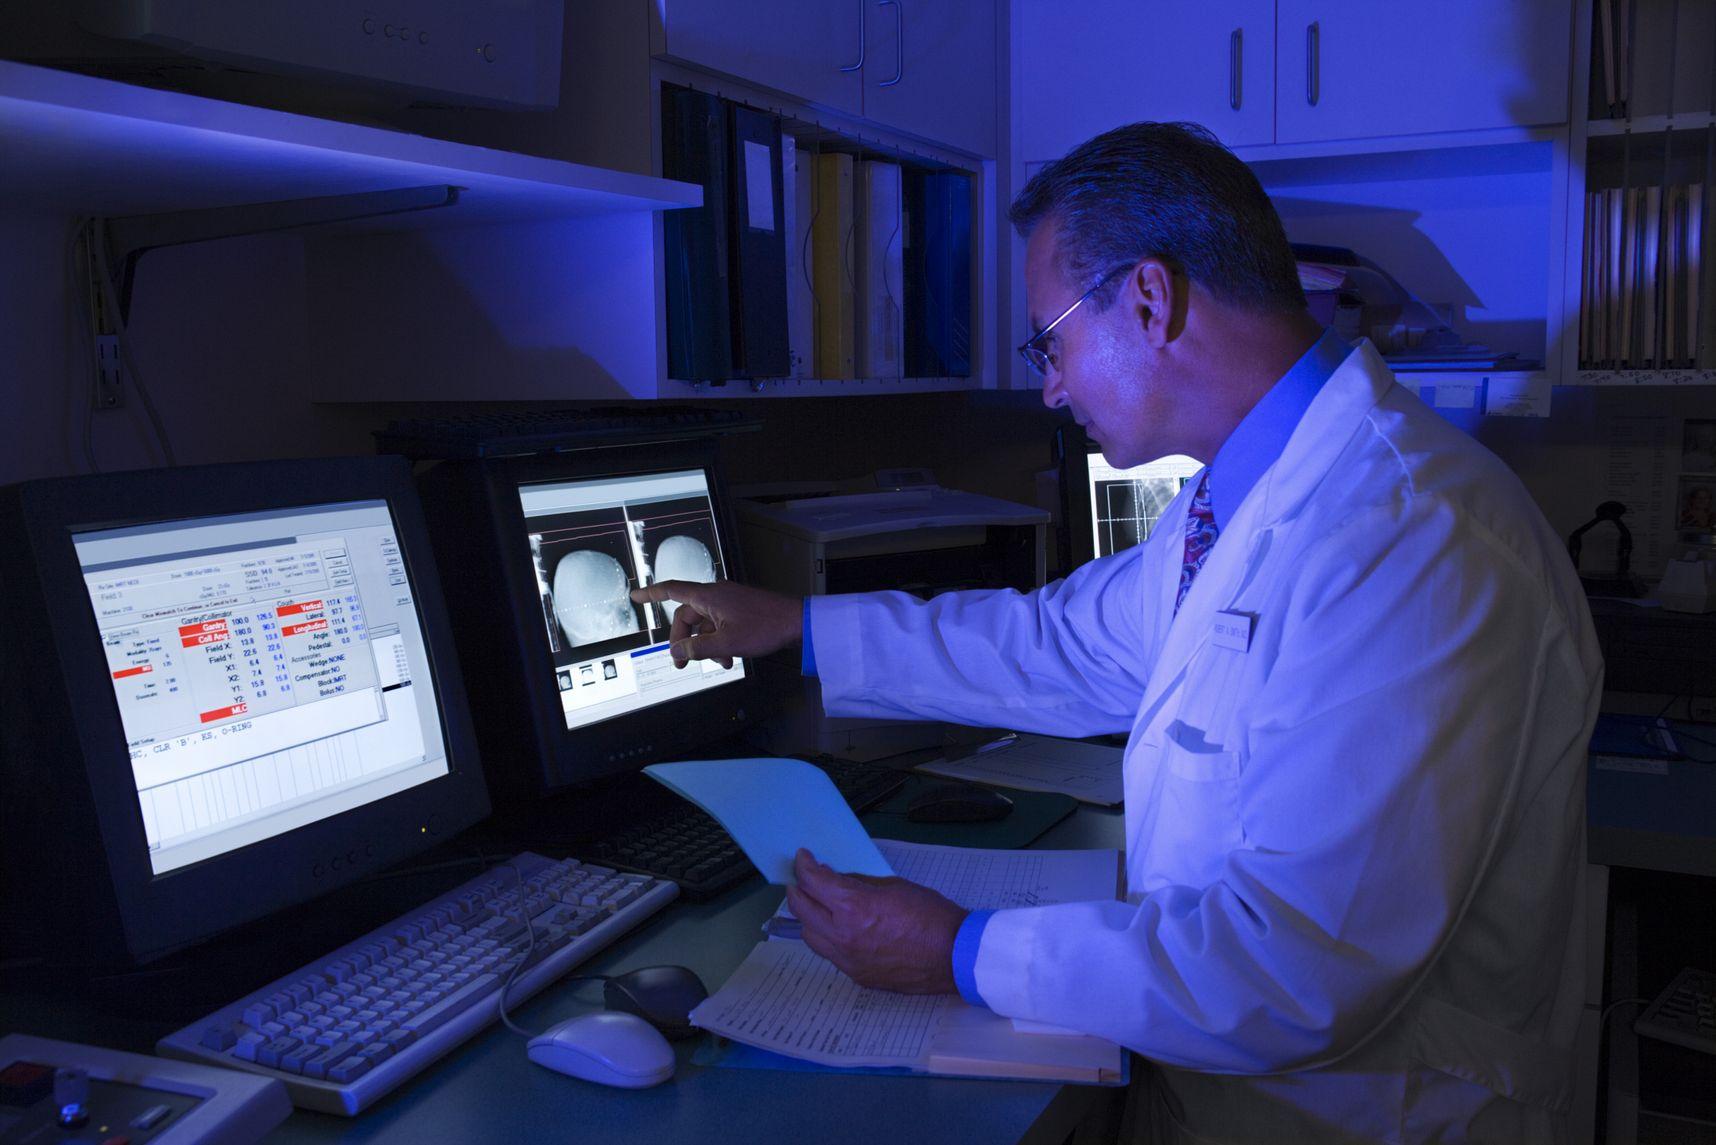 novye vozmozhnosti i perspektivy kompyuternoj diagnostiki